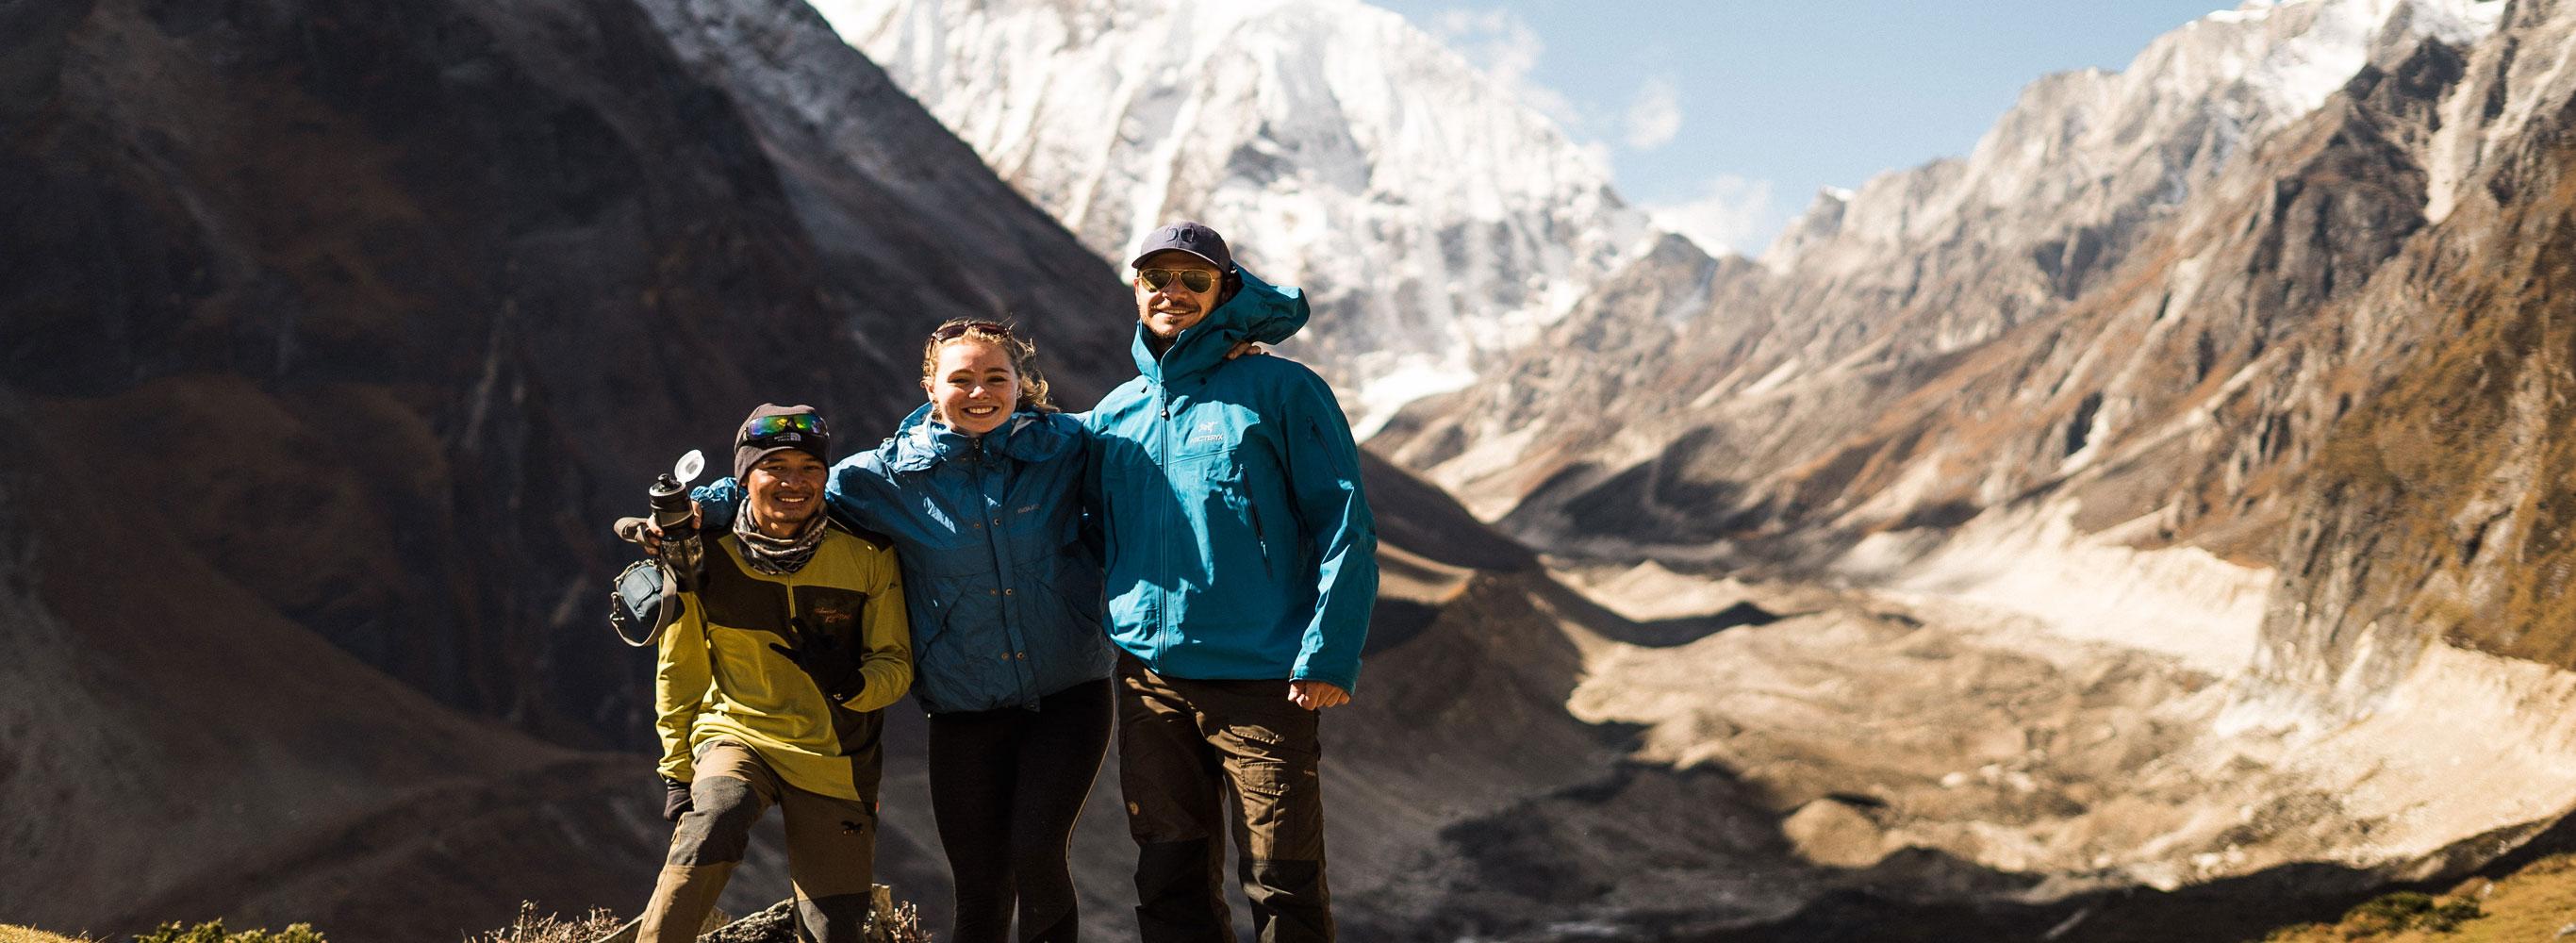 Manaslu Circuit Trek in Nepal